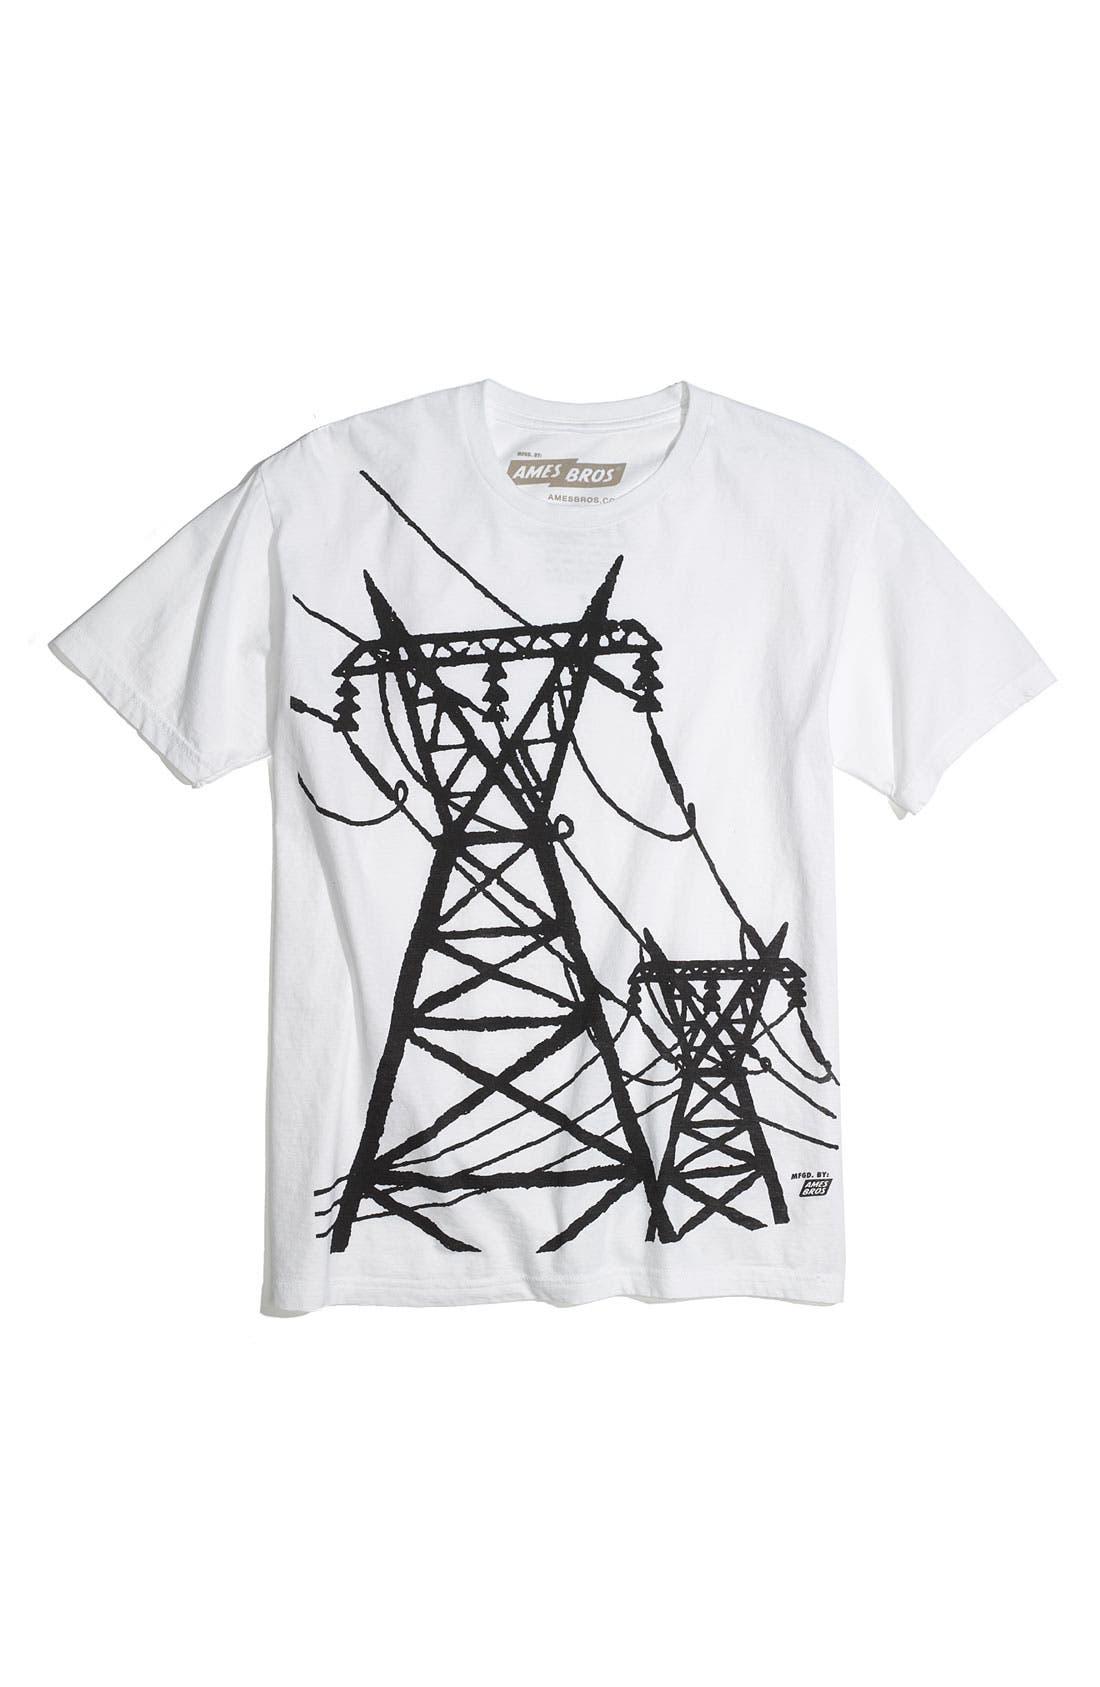 Alternate Image 1 Selected - Ames Bros 'Get Together' Trim Fit Crewneck T-Shirt (Men)